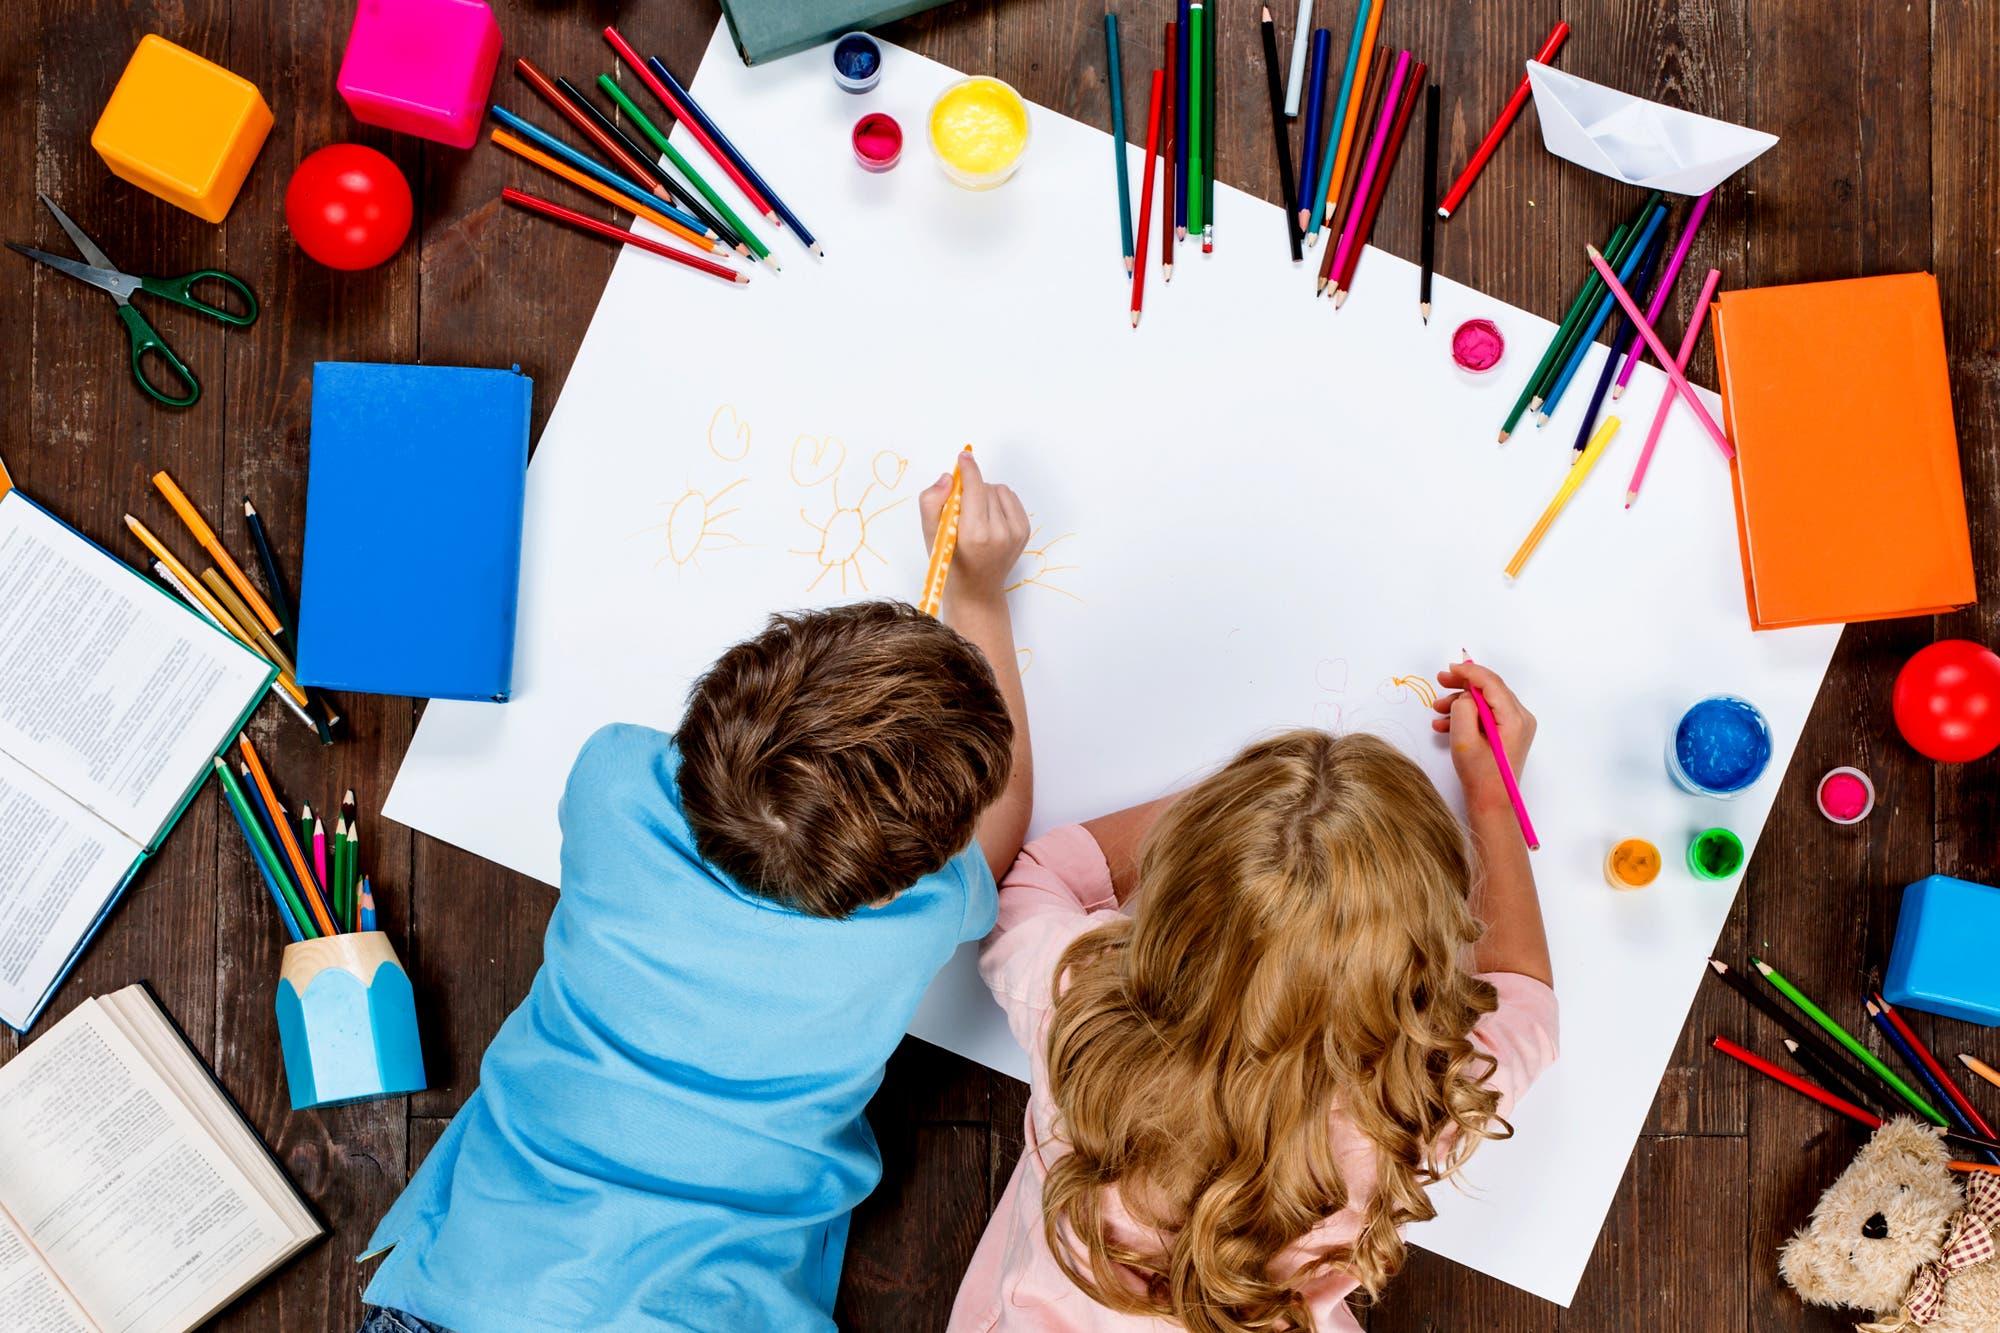 Día del niño: ¿por qué se celebra hoy?